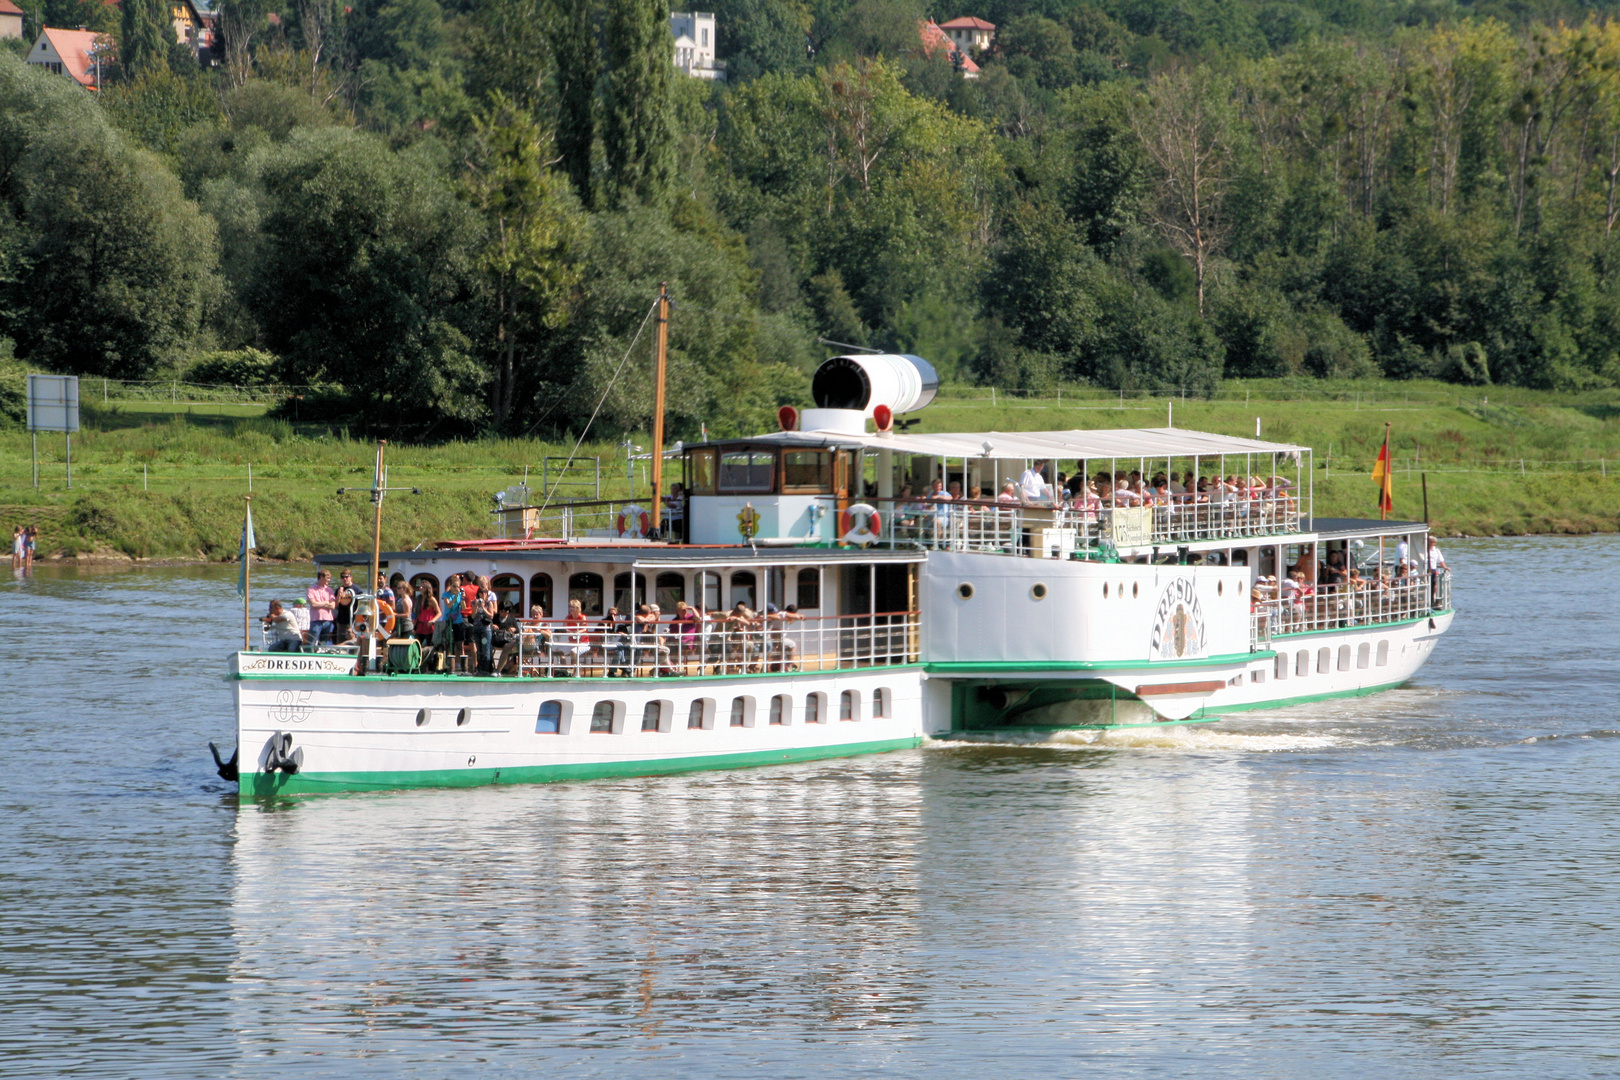 Dampfer Dresden